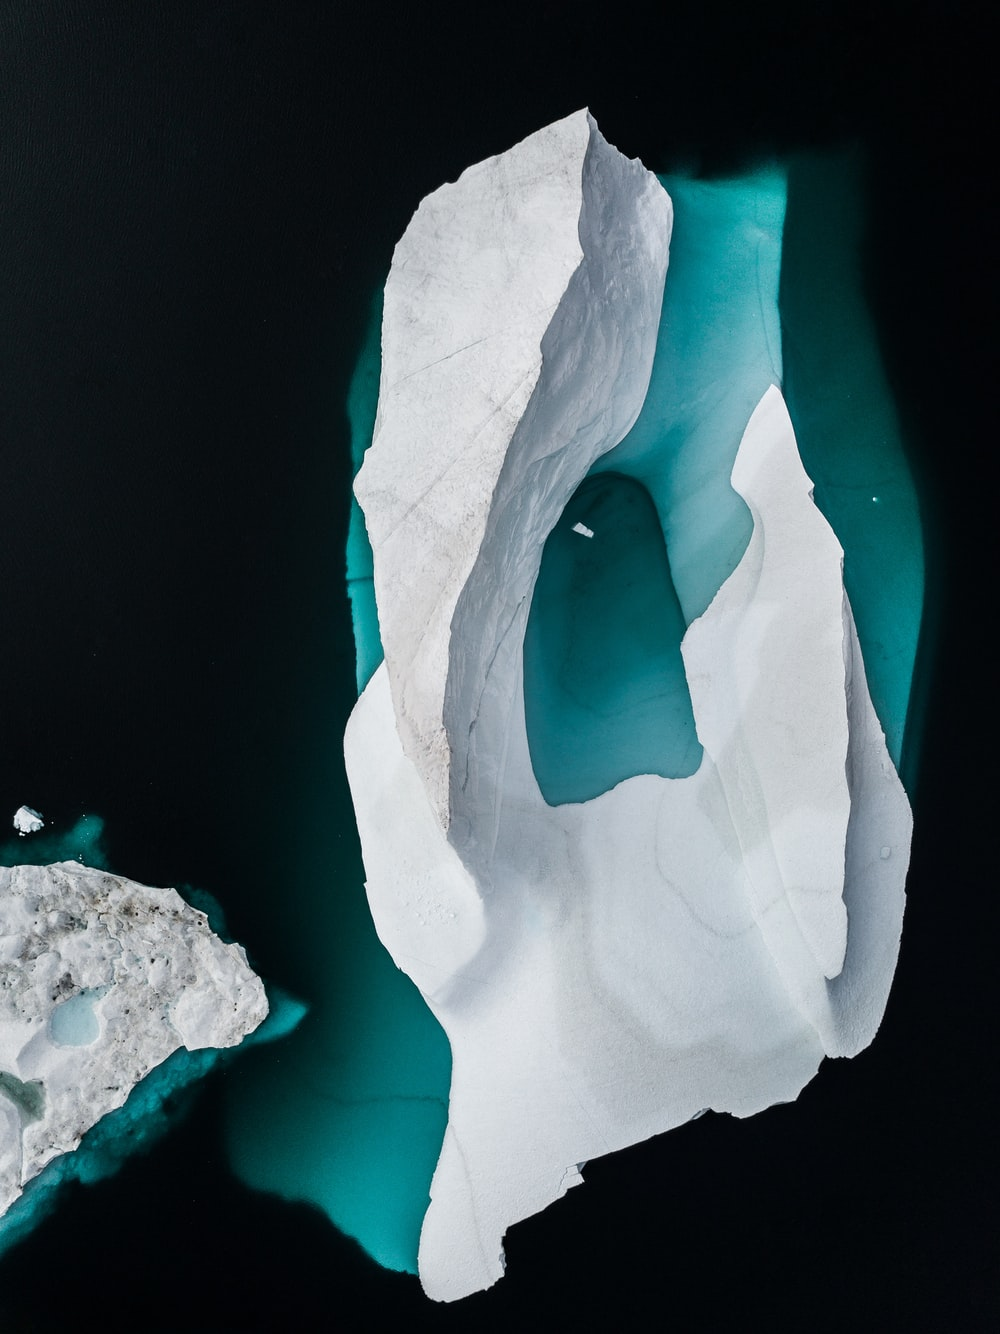 Iceberg drone photo